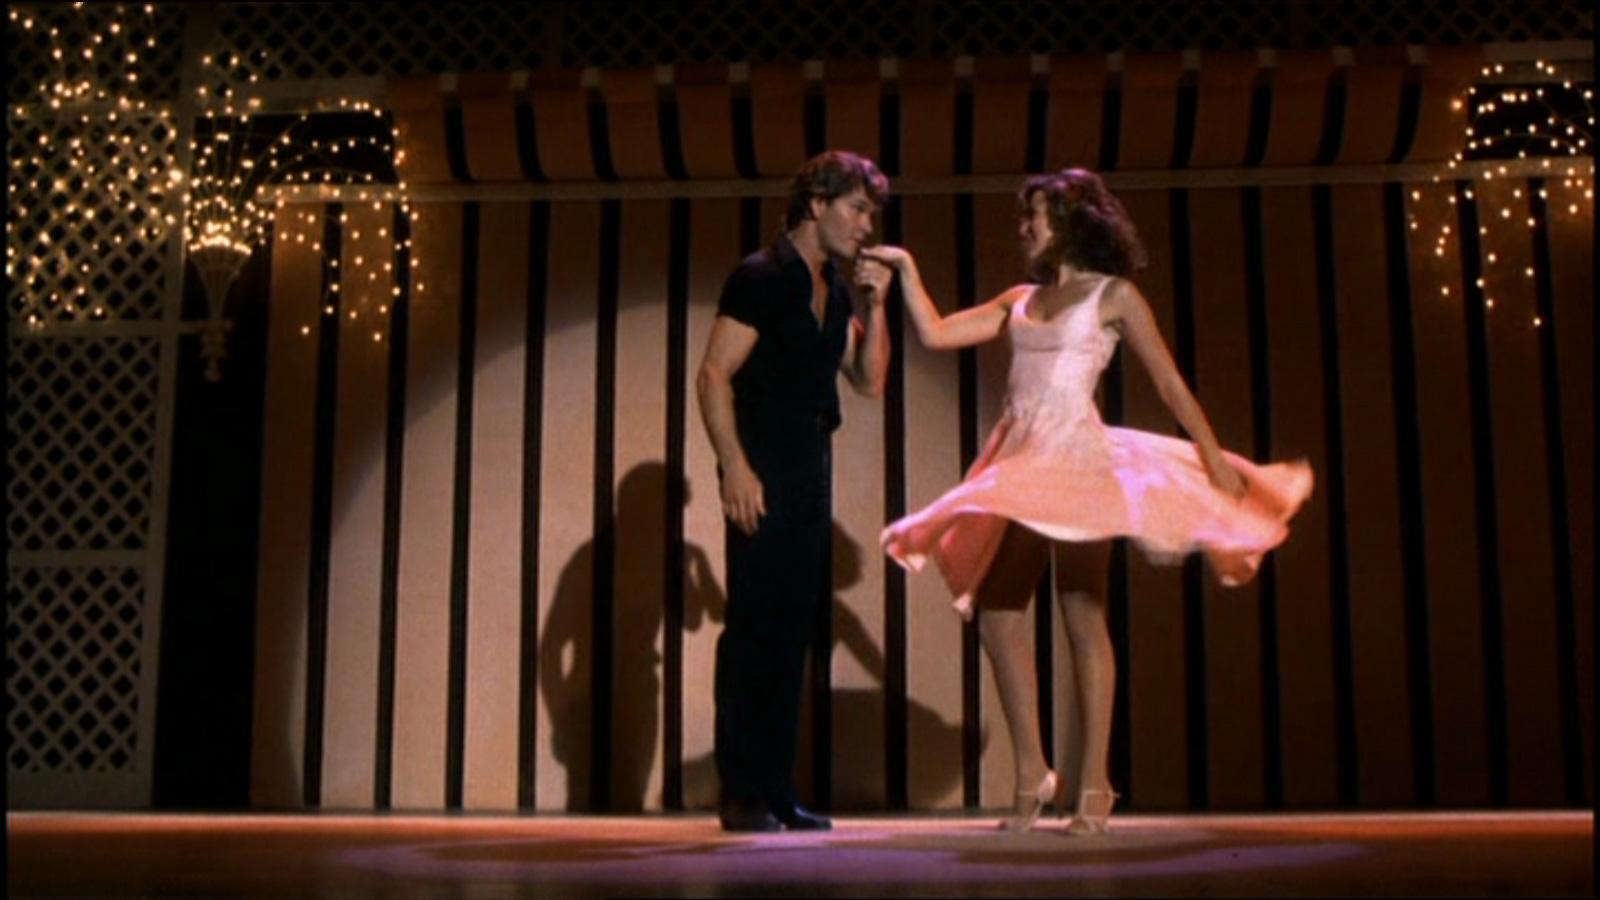 melhores-filmes-da-sessão-da-tarde-dirty_dancing_771